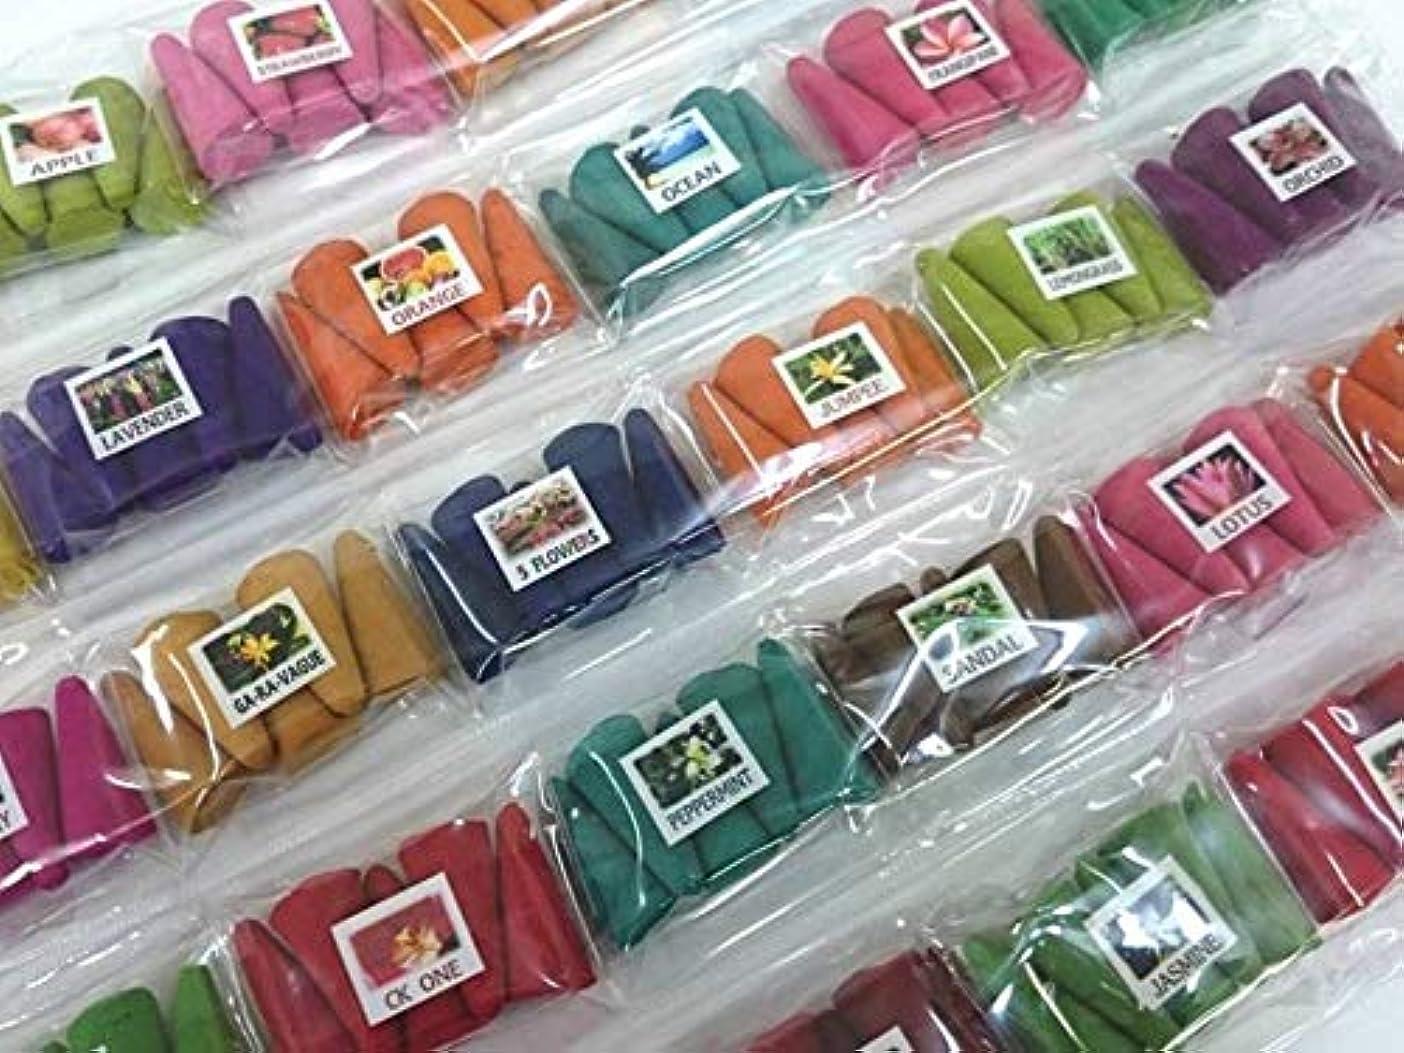 先見の明感動する捨てるTHAI お香コーン 30種類 150個セット(30種類×5個入=150個)